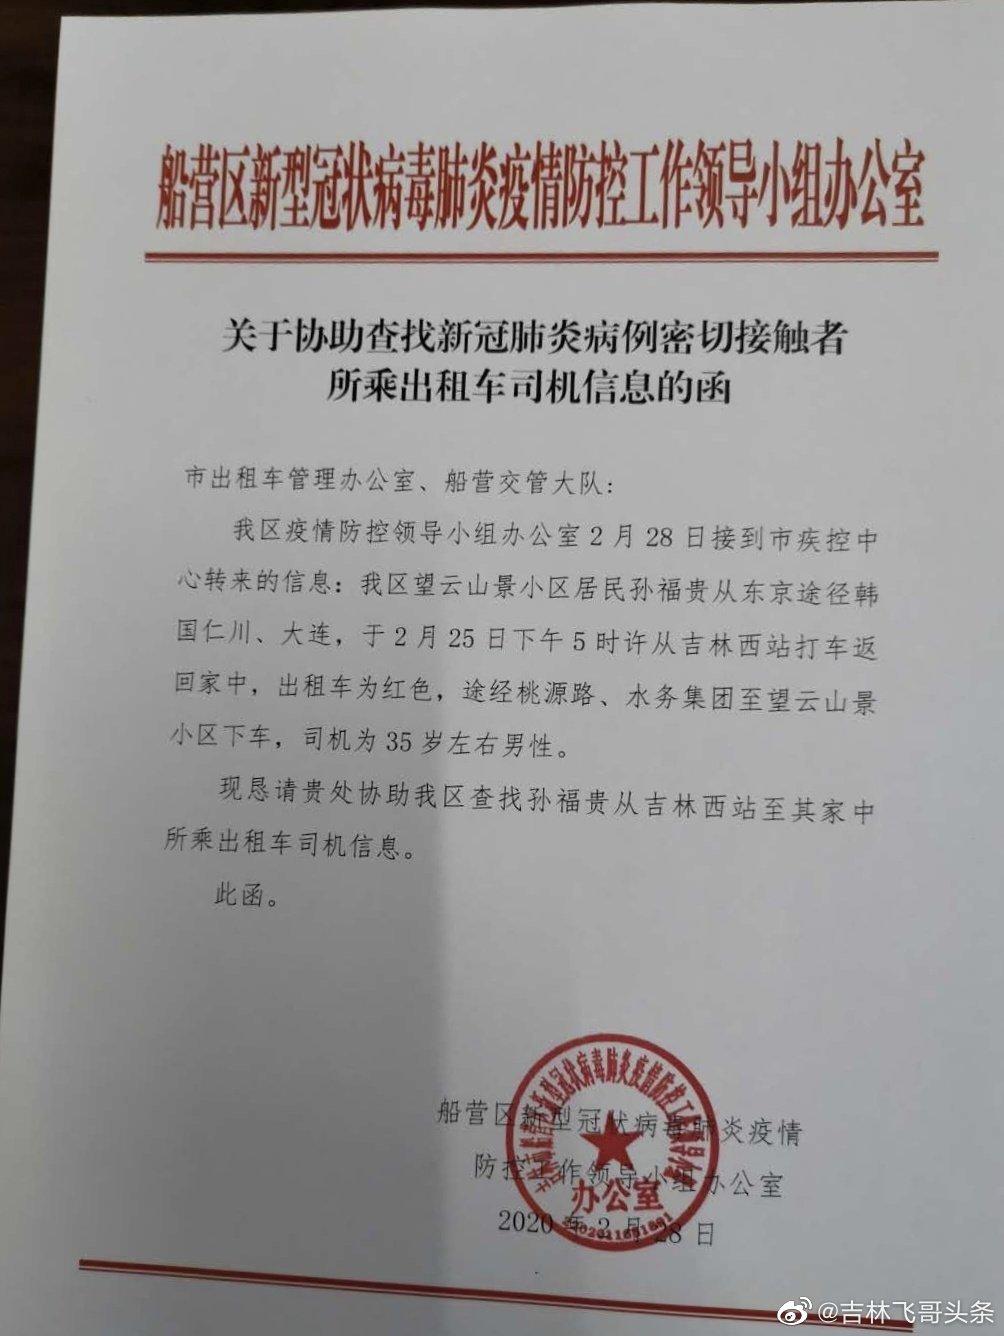 吉林市船营区关于协助查找新冠肺炎病例密切接触者所乘出租车司机信息